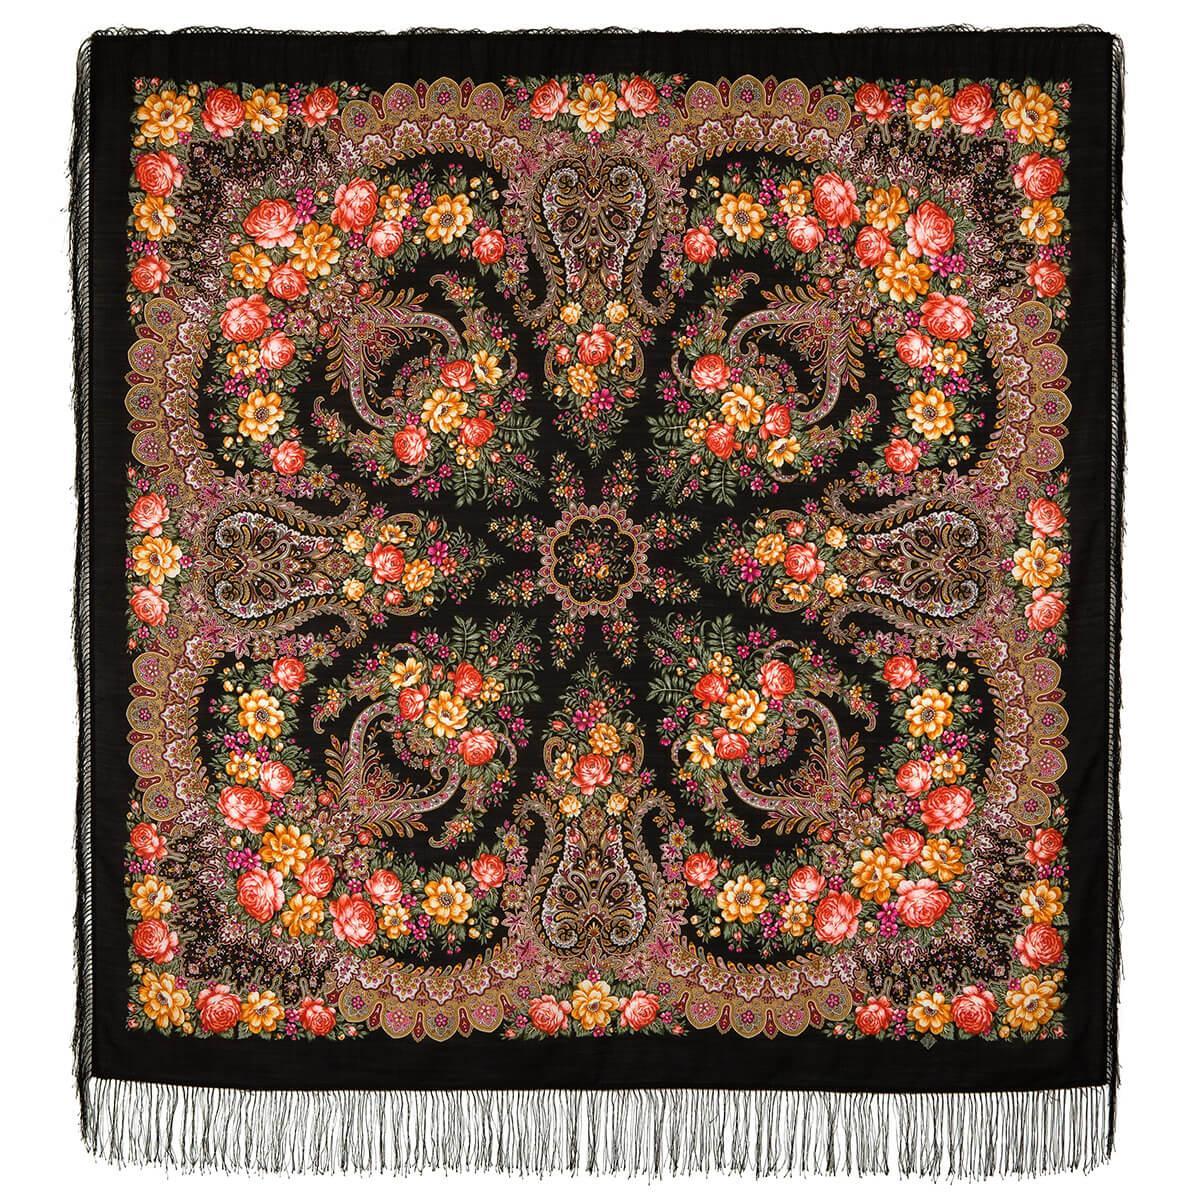 Павлопосадский платок Ладога 1727-18 (146х146 см)